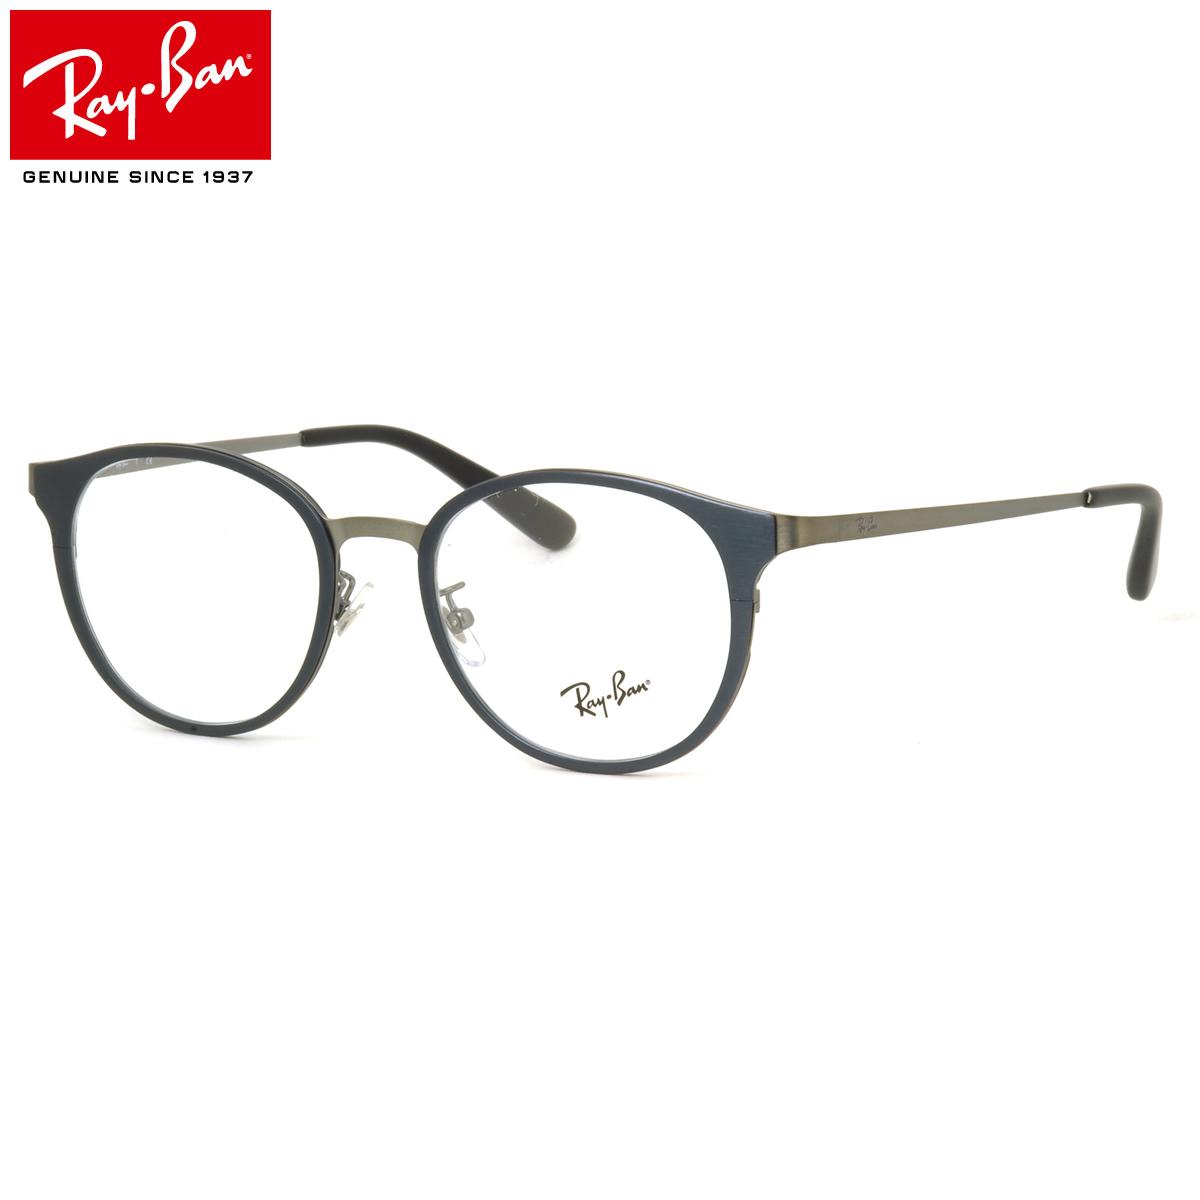 【10月30日からエントリーで全品ポイント20倍】レイバン メガネ フレーム Ray-Ban RX6372D 2896 50サイズ ボストン 丸メガネ フレーム シートメタル レイバン RAYBAN メンズ レディース